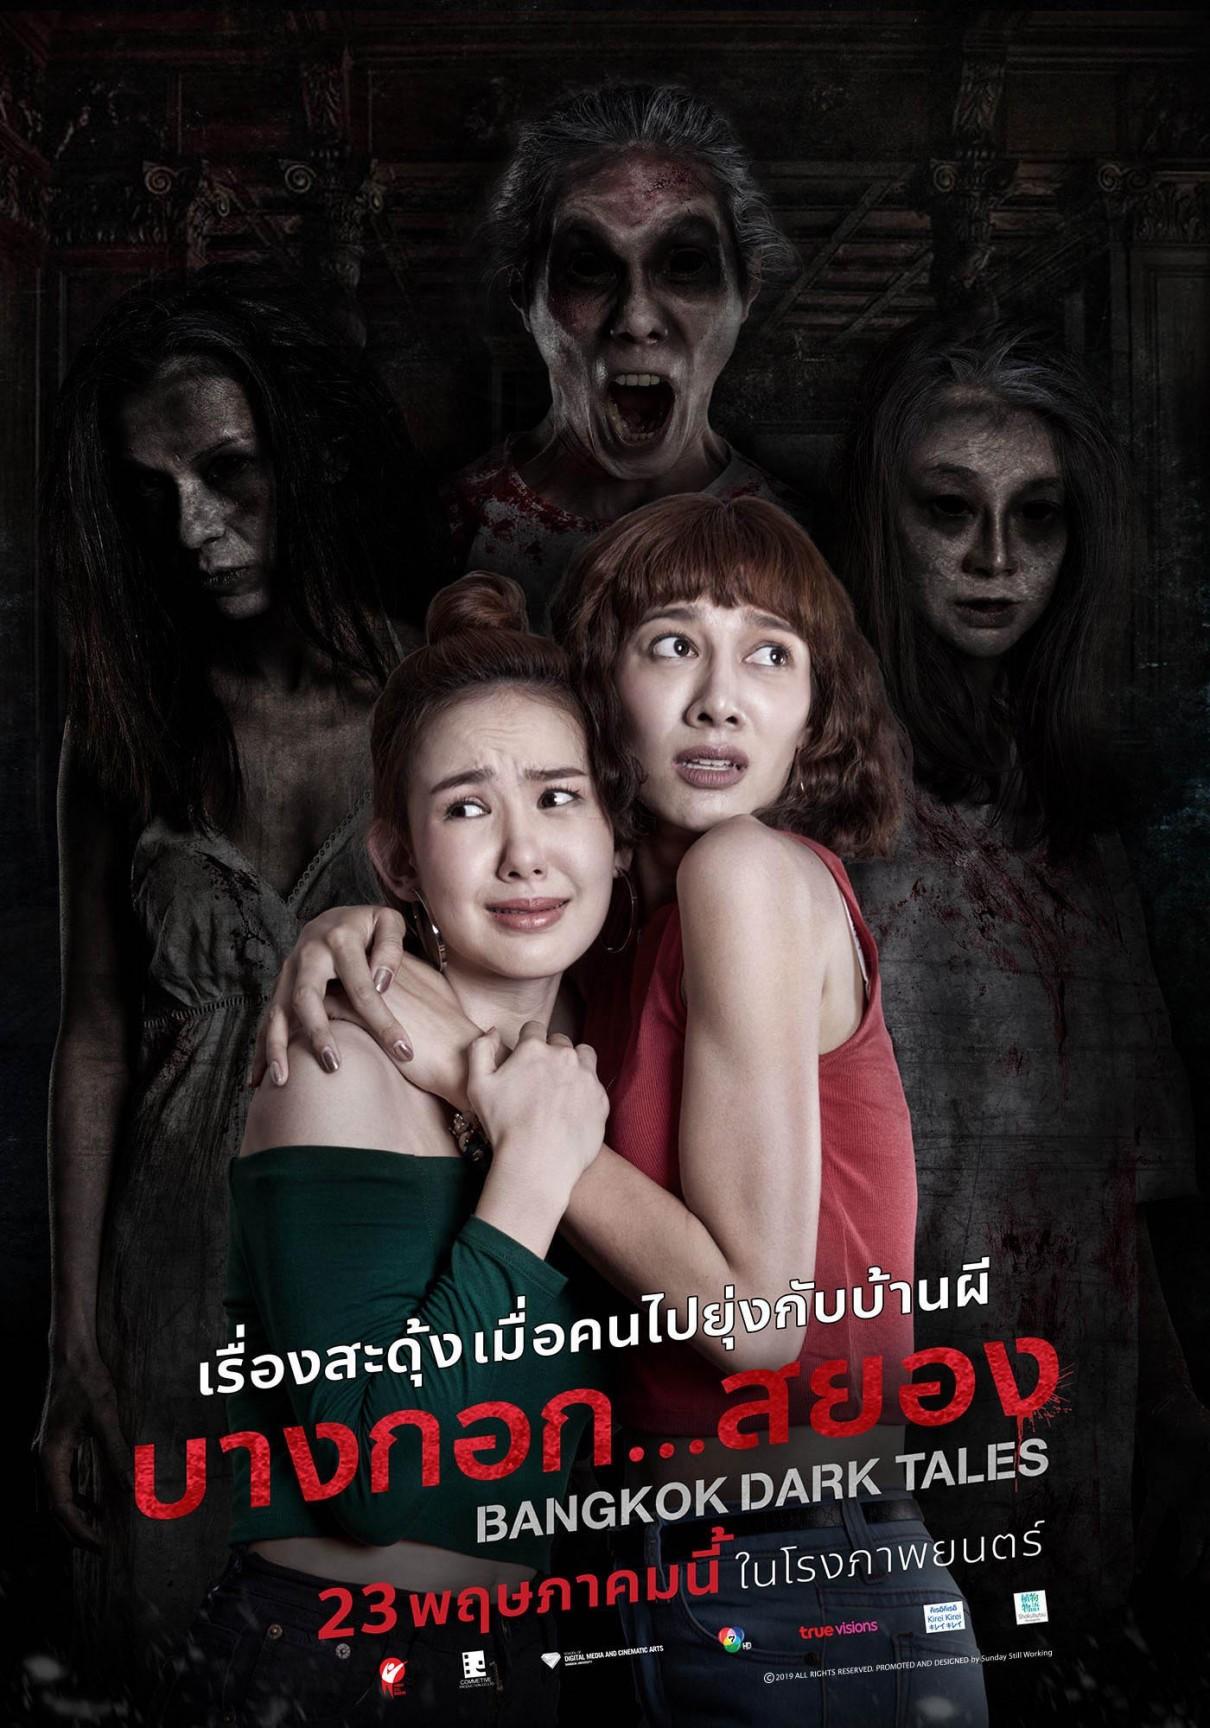 曼谷暗黑传说